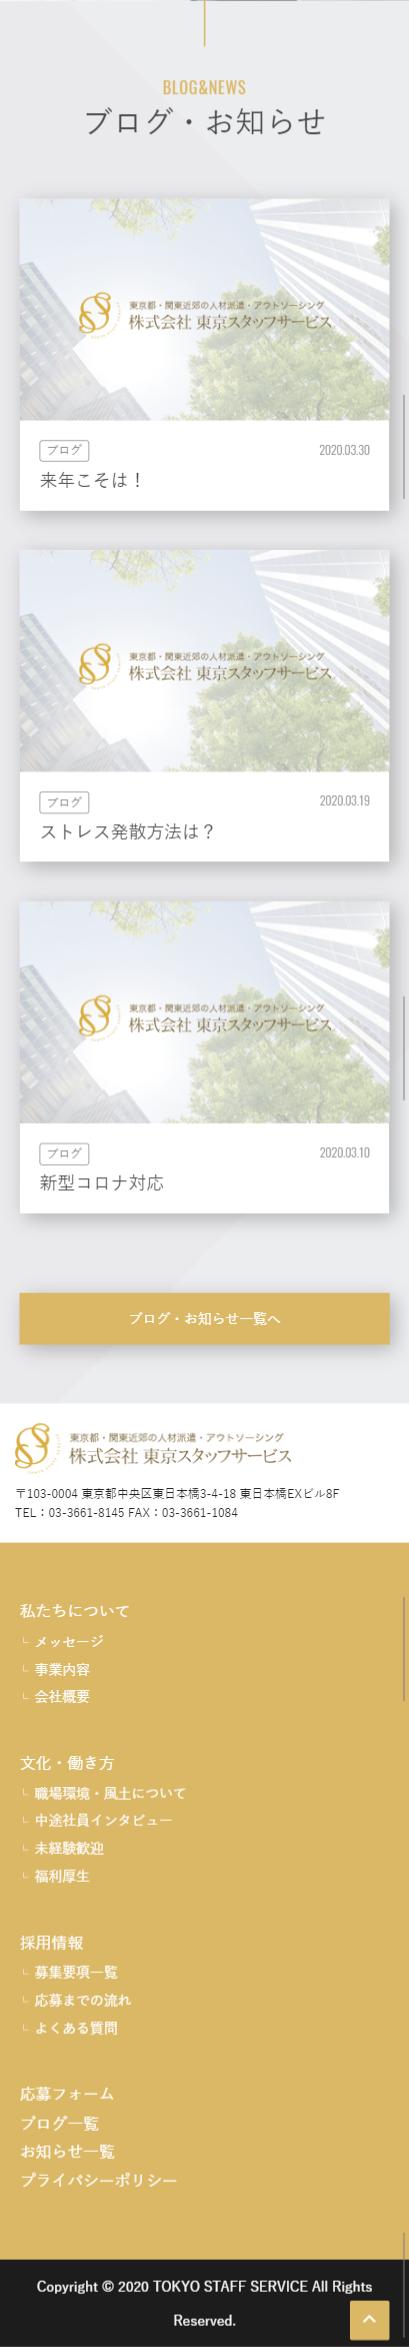 東京スタッフサービス